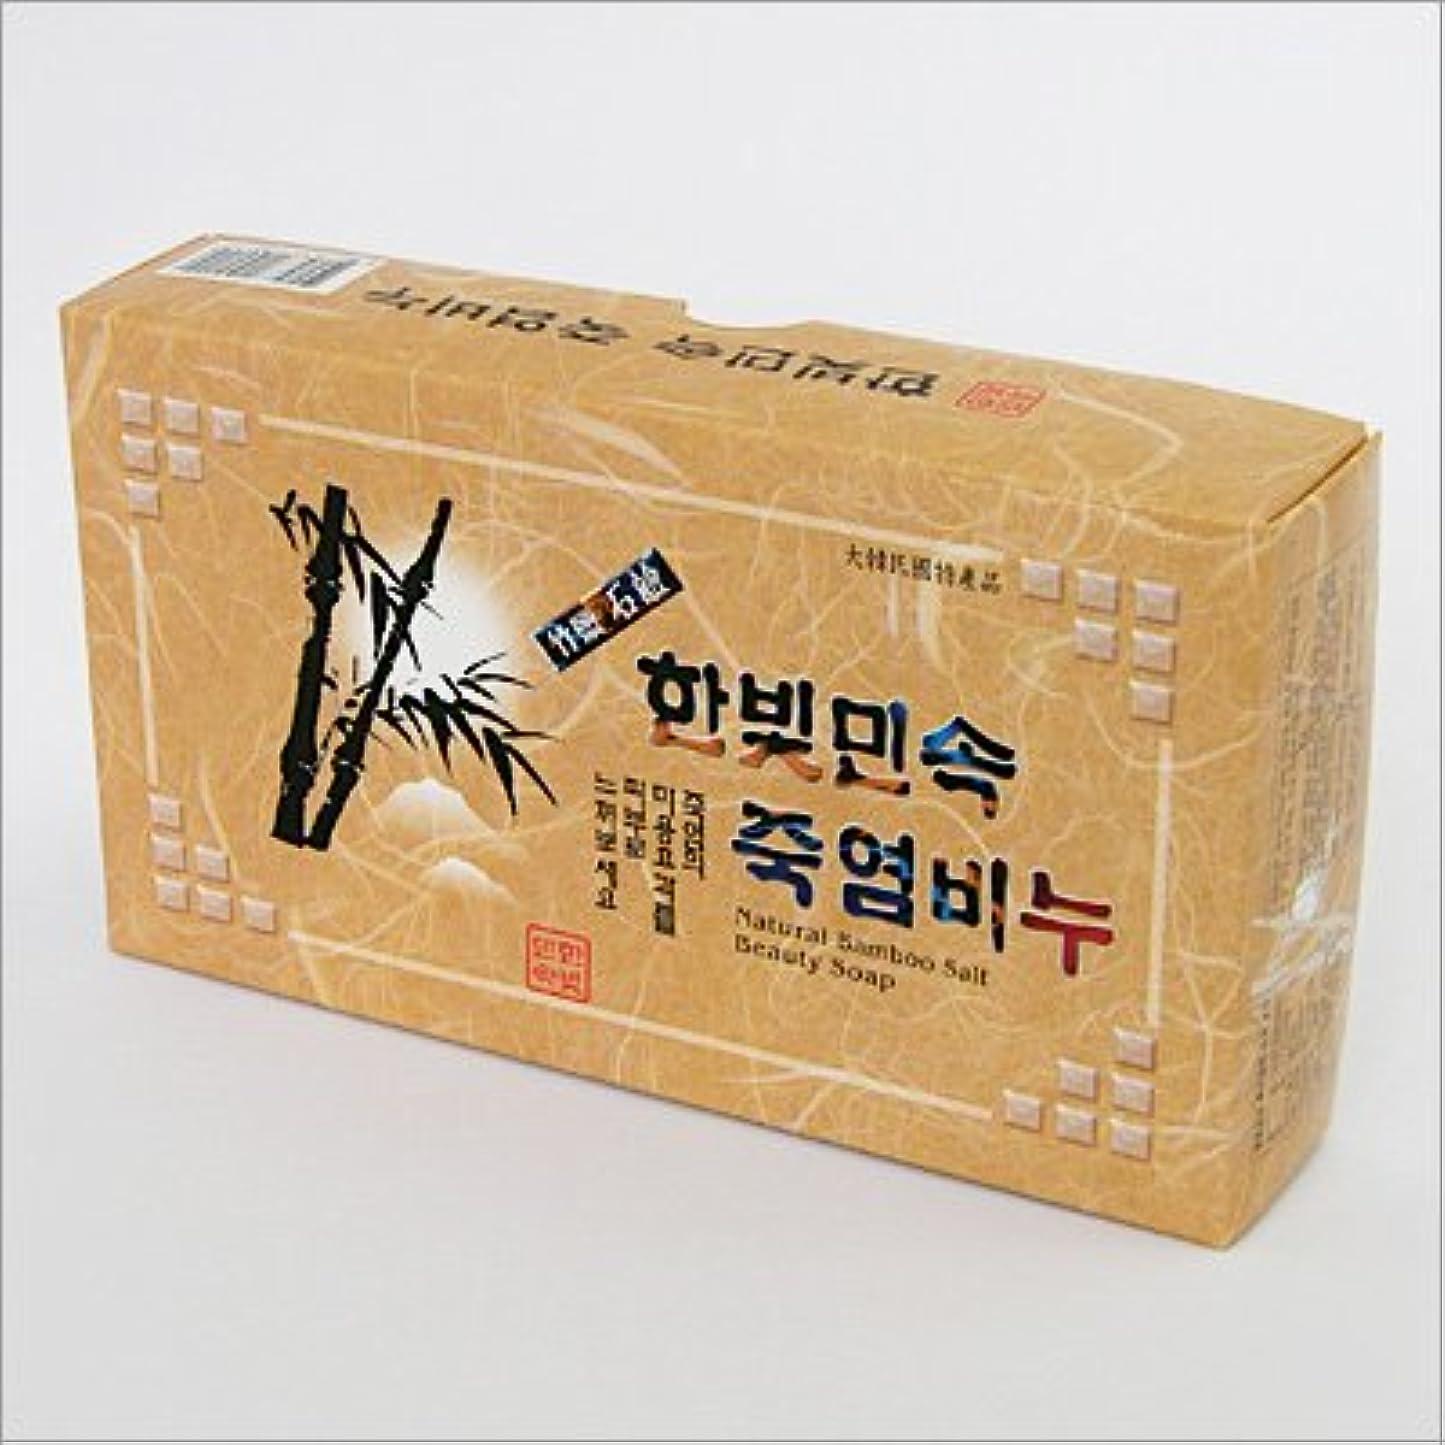 またリビングルーム治世(韓国ブランド) 韓国 竹塩石鹸(3個セット)